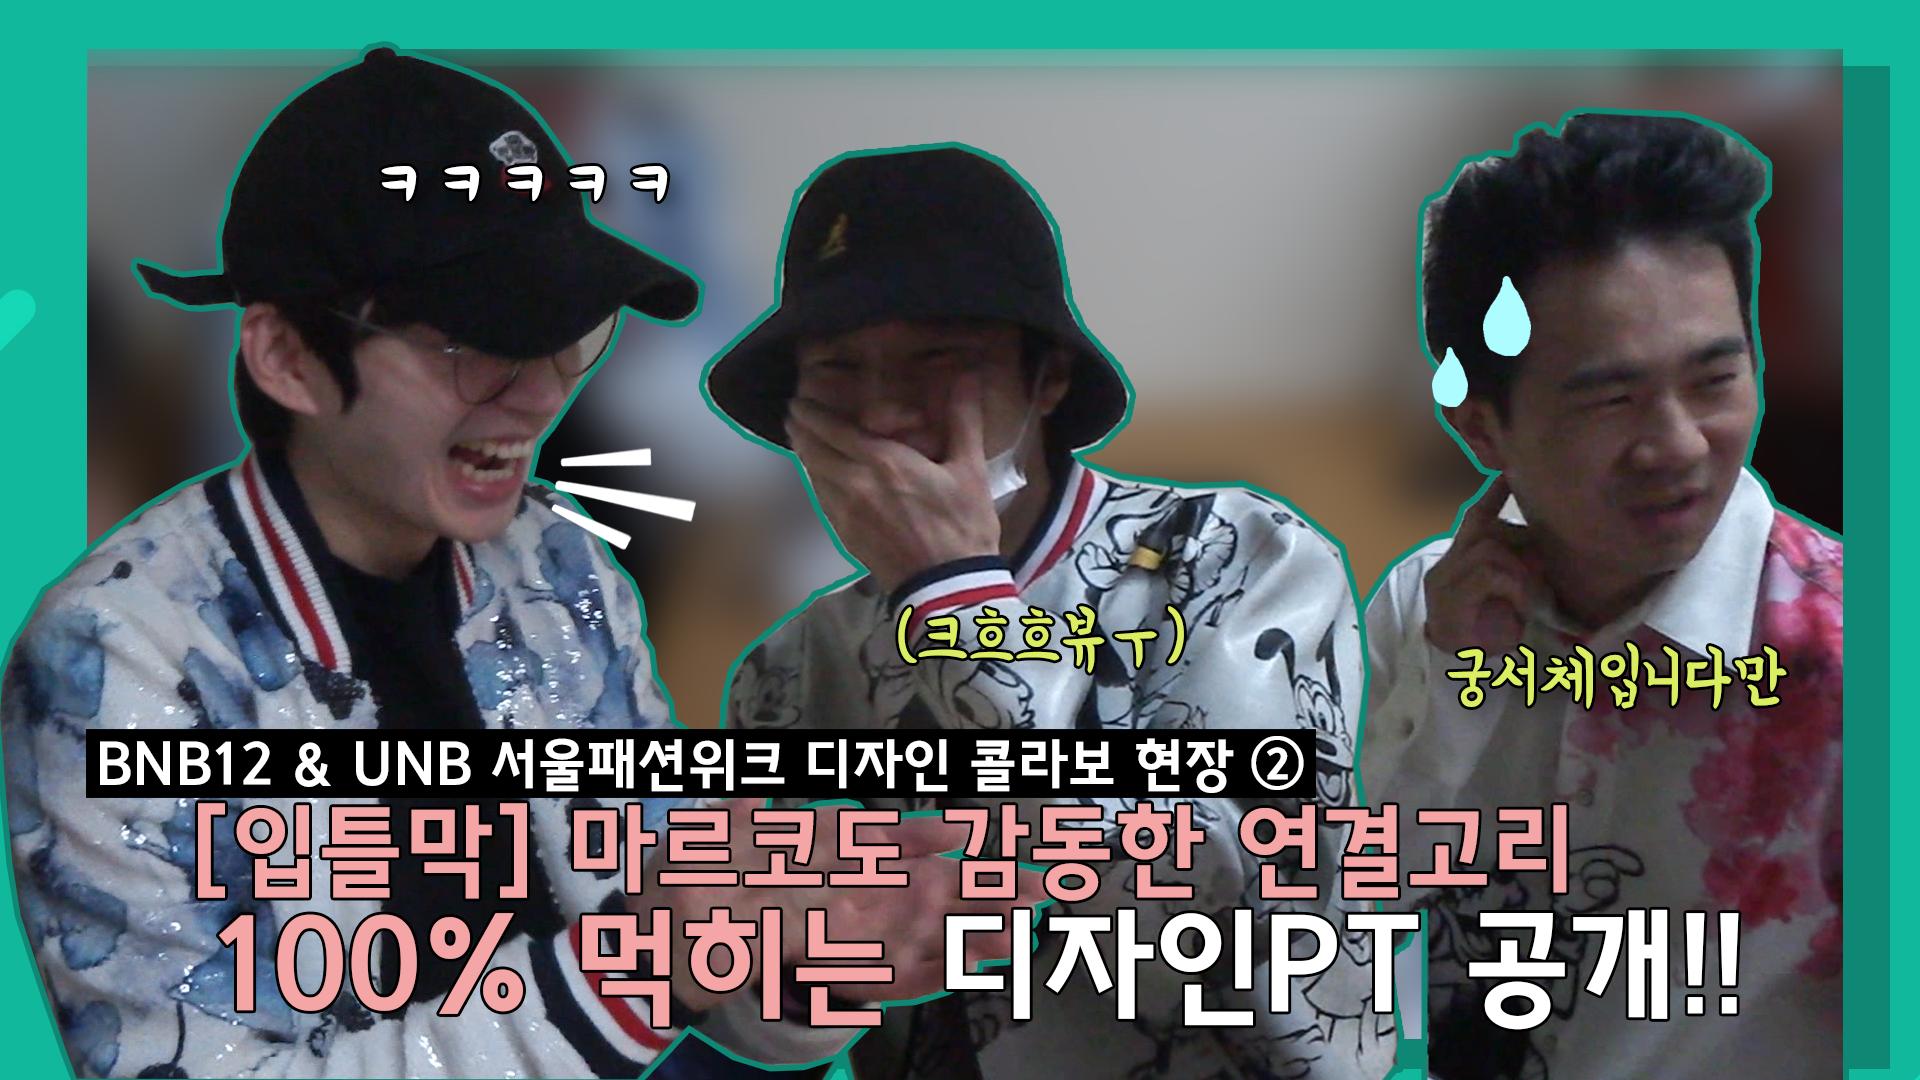 [BNB12&UNB서울패션위크콜라보②] 100%먹히는 디자인PT 방법 공개!!